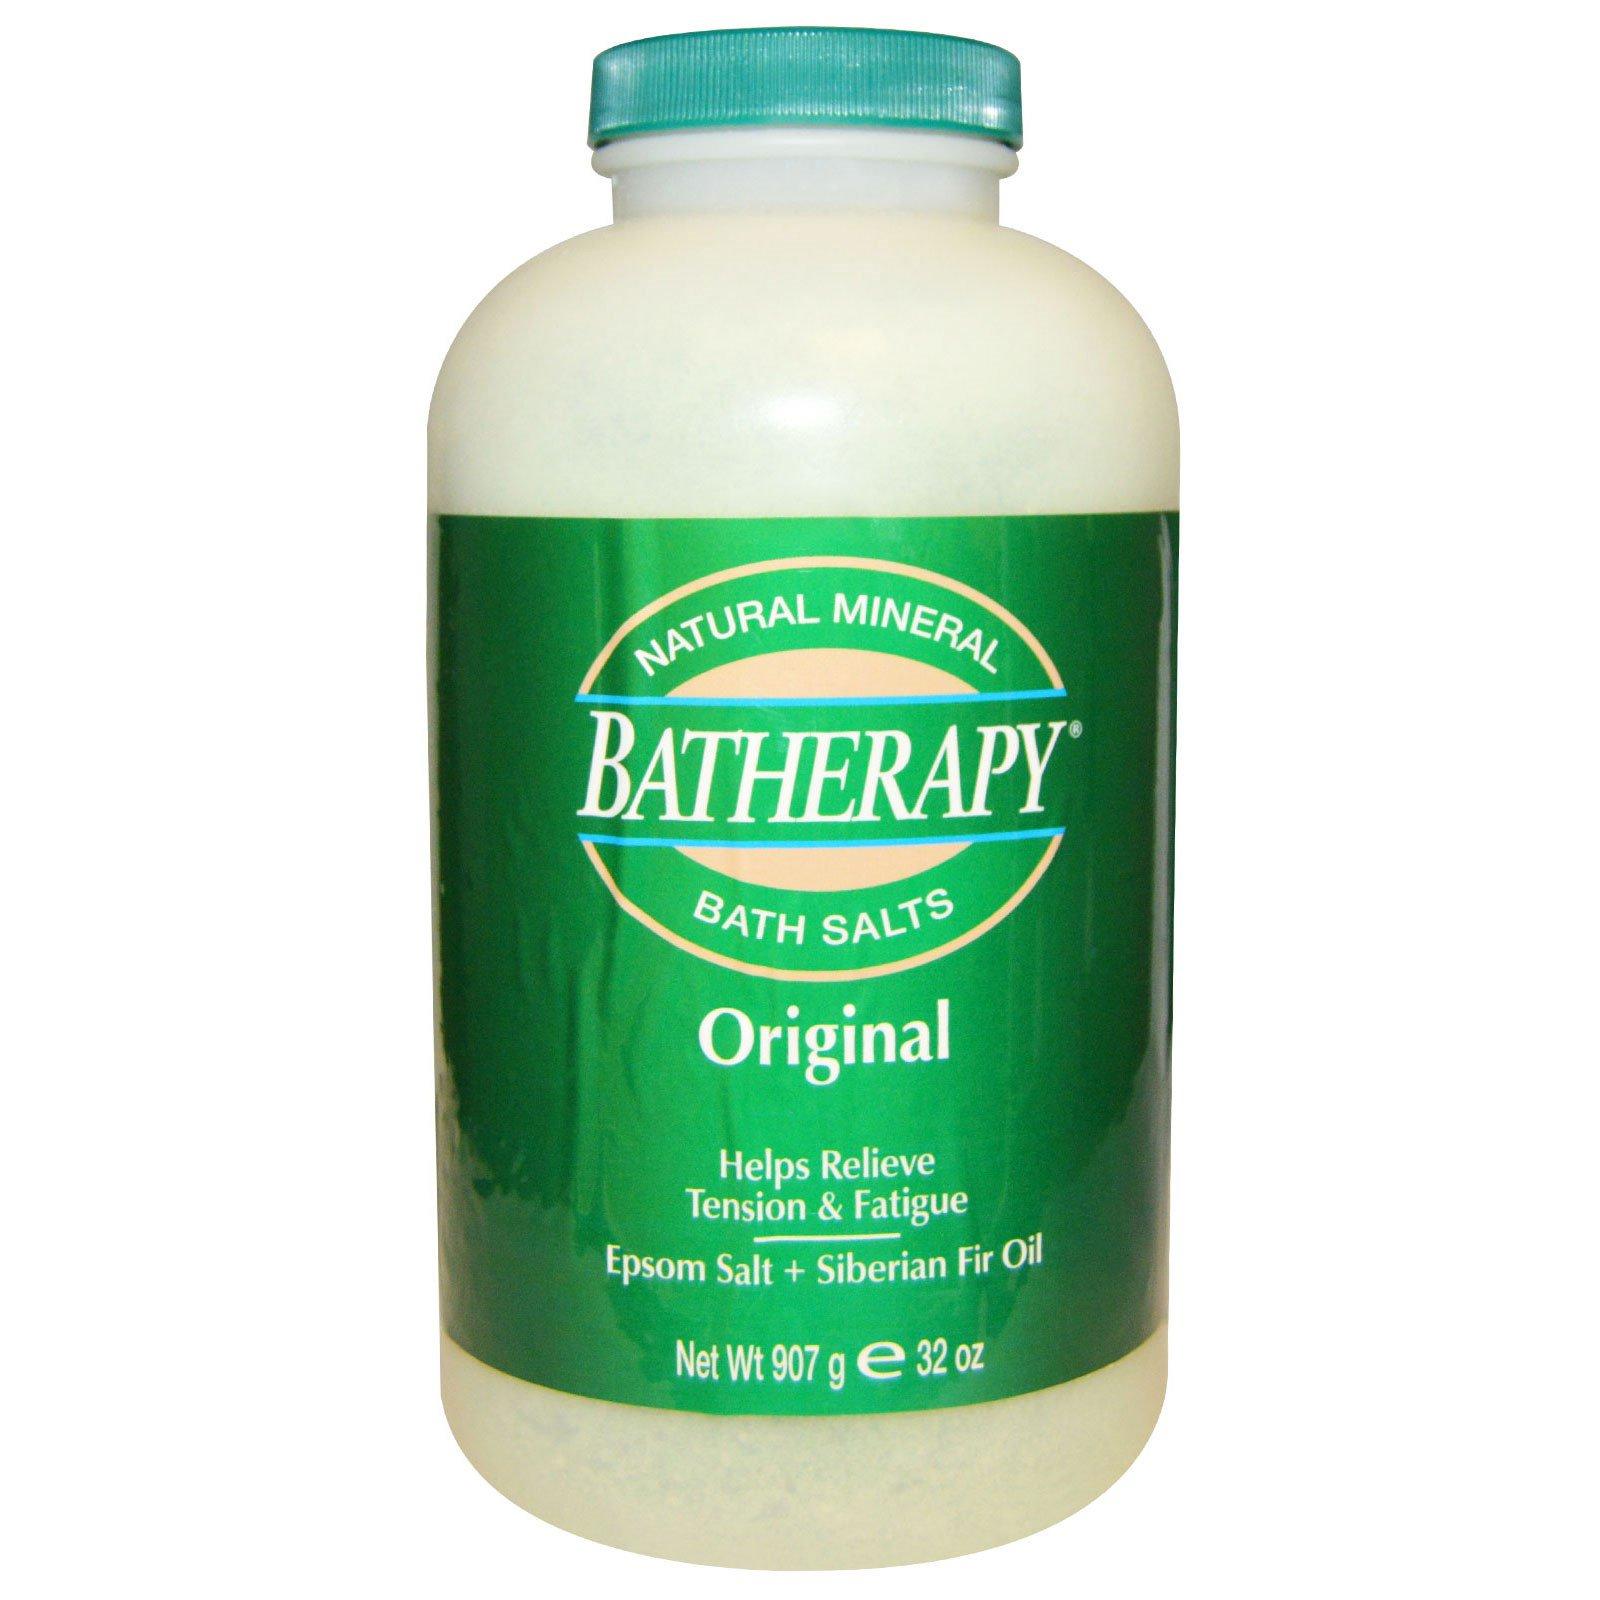 Queen Helene, Batherapy, натуральная минеральная соль для ванн, оригинал, 32 унции (907 гр)